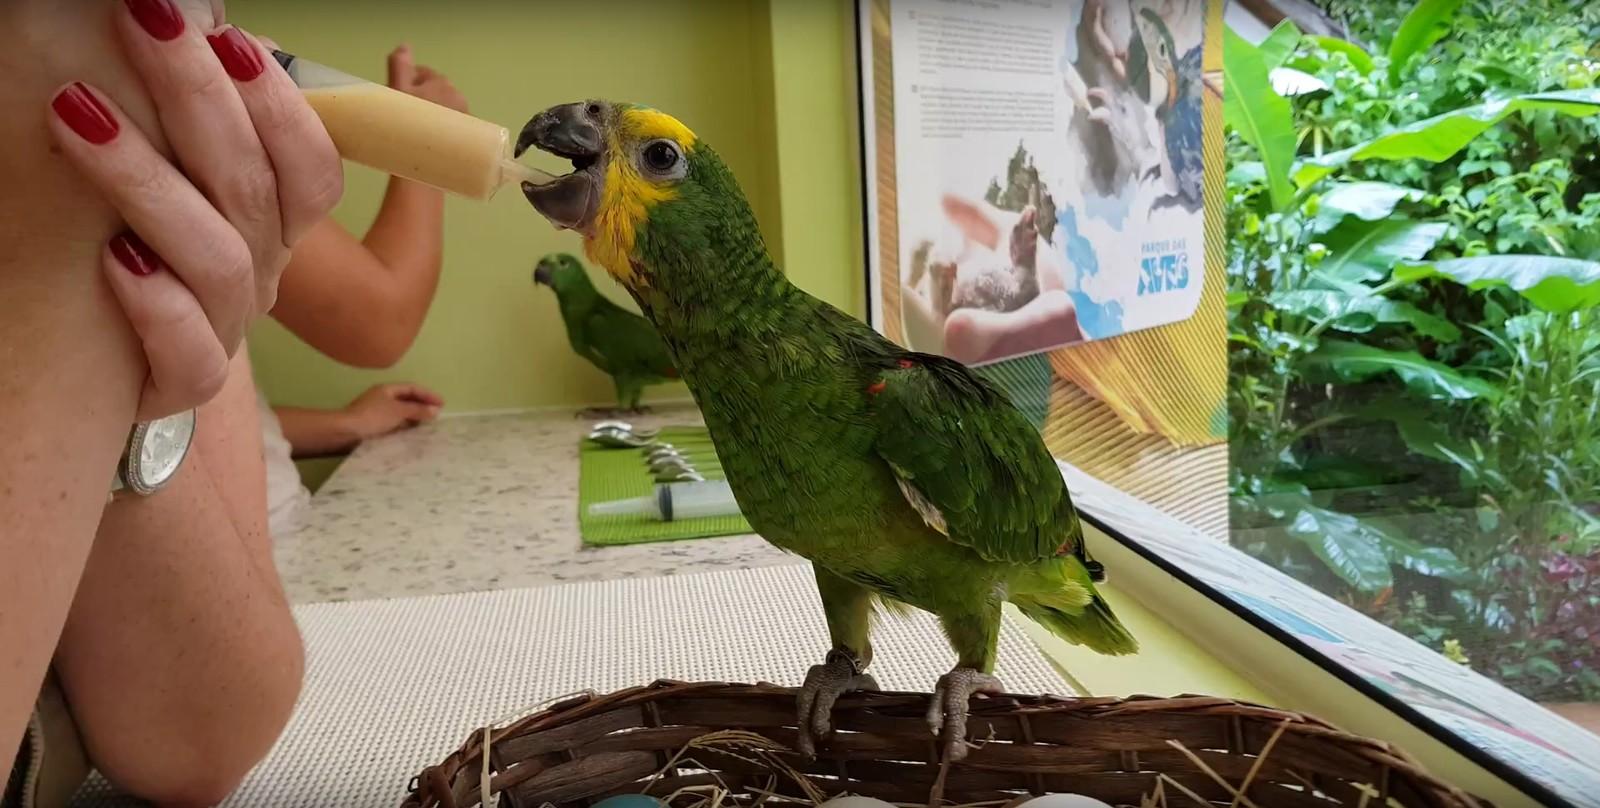 De janeiro a junho de 2019, Parque das Aves recebeu mais de 120 pássaros resgatados de posse ilegal, tráfico e contrabando — Foto: Divulgação/Parque das Aves